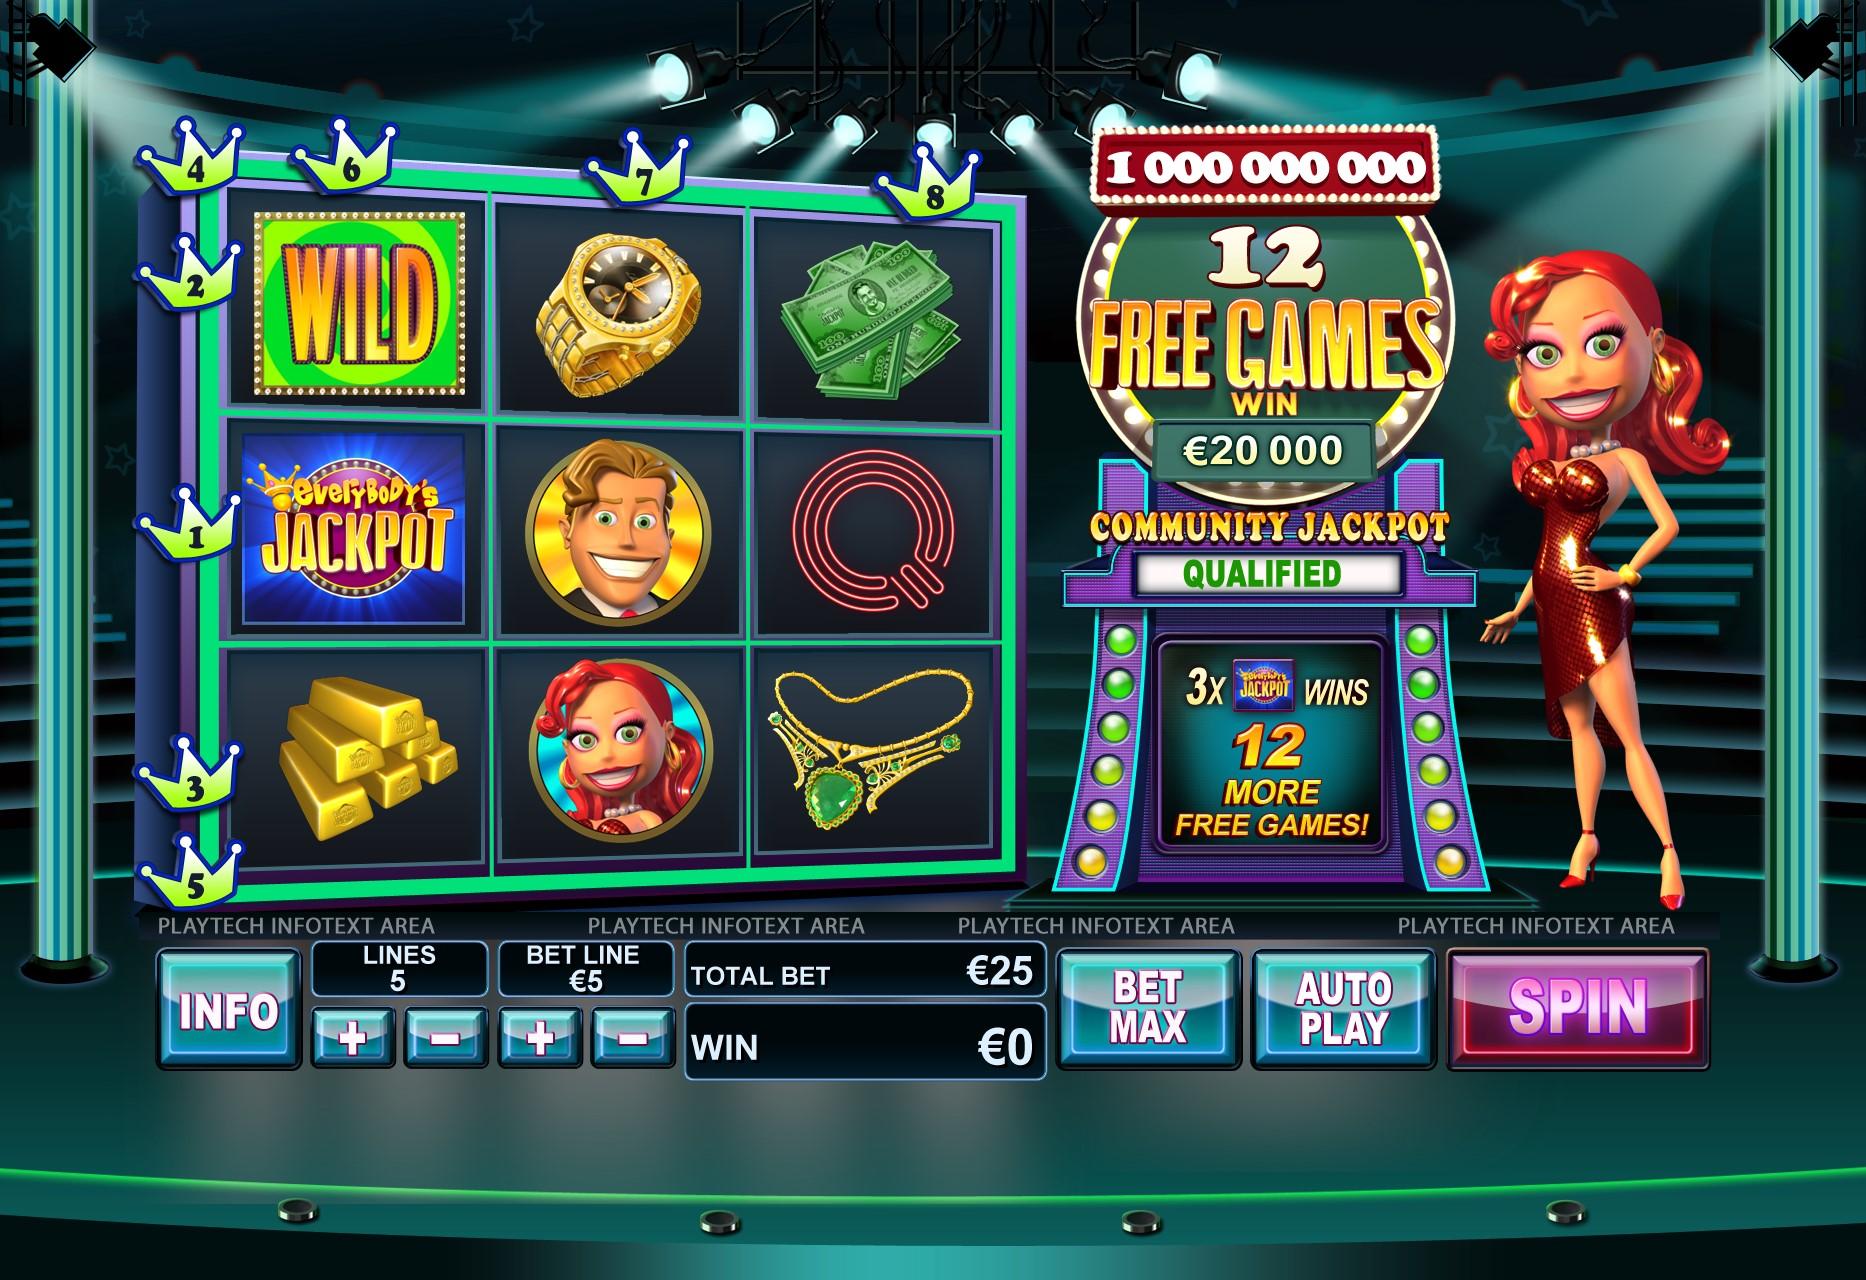 Jackpot Slots Bonuses